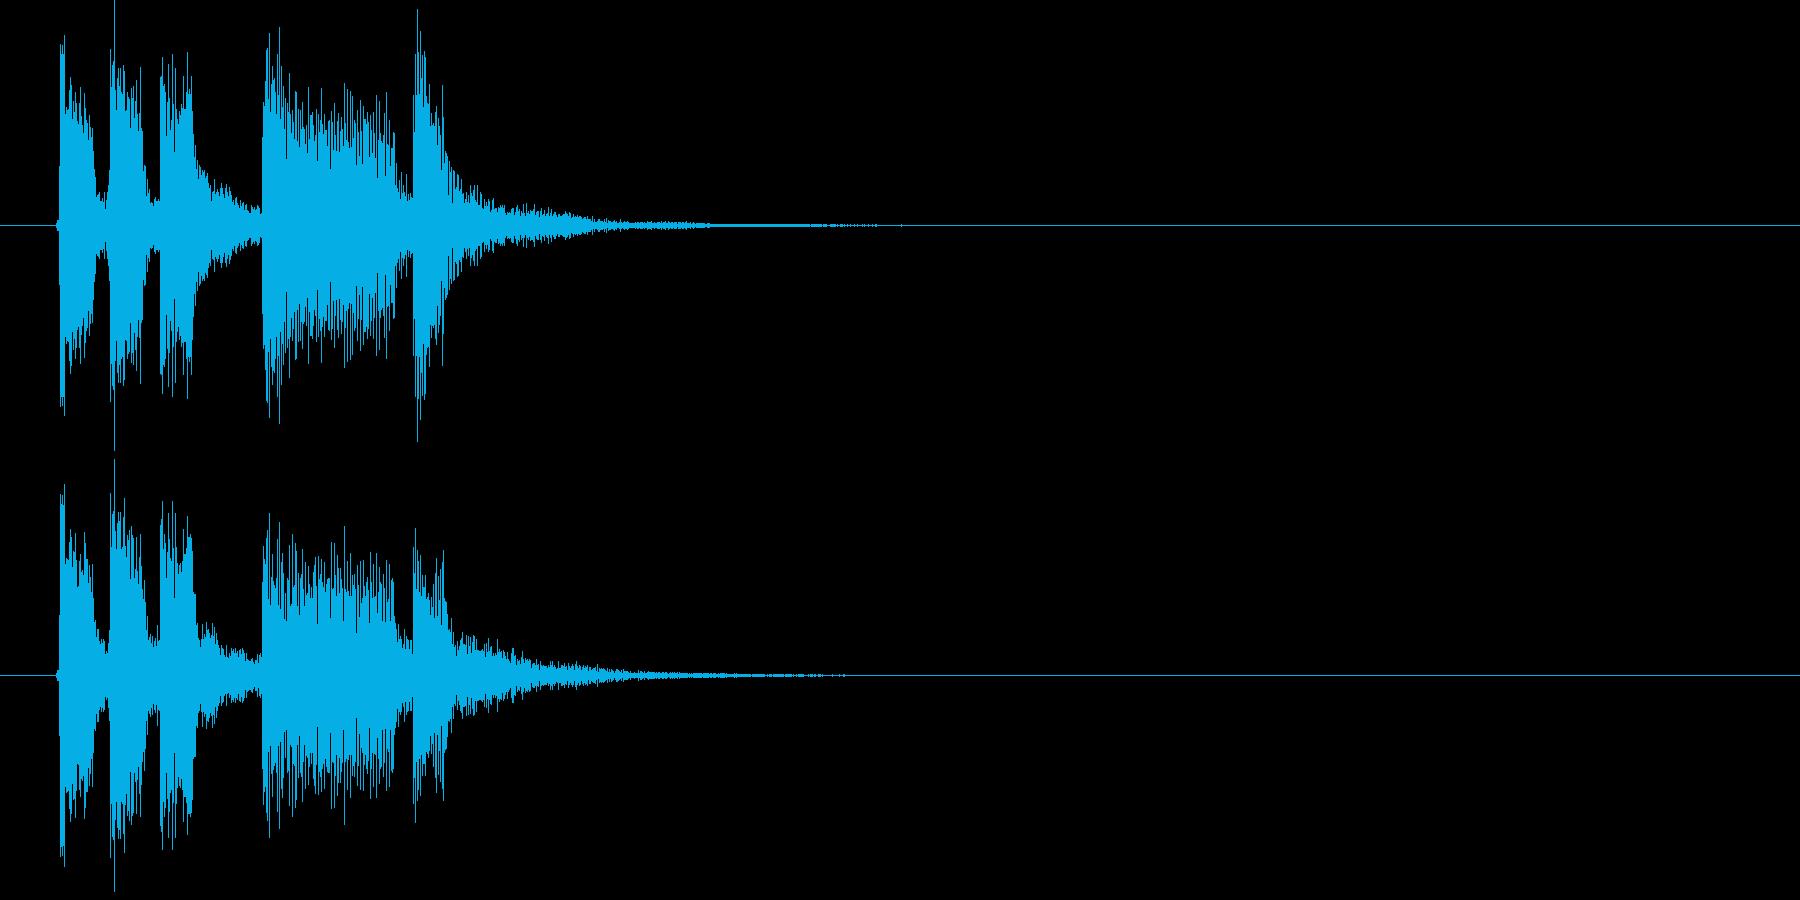 疾走感のあるアップテンポでキュートな音楽の再生済みの波形